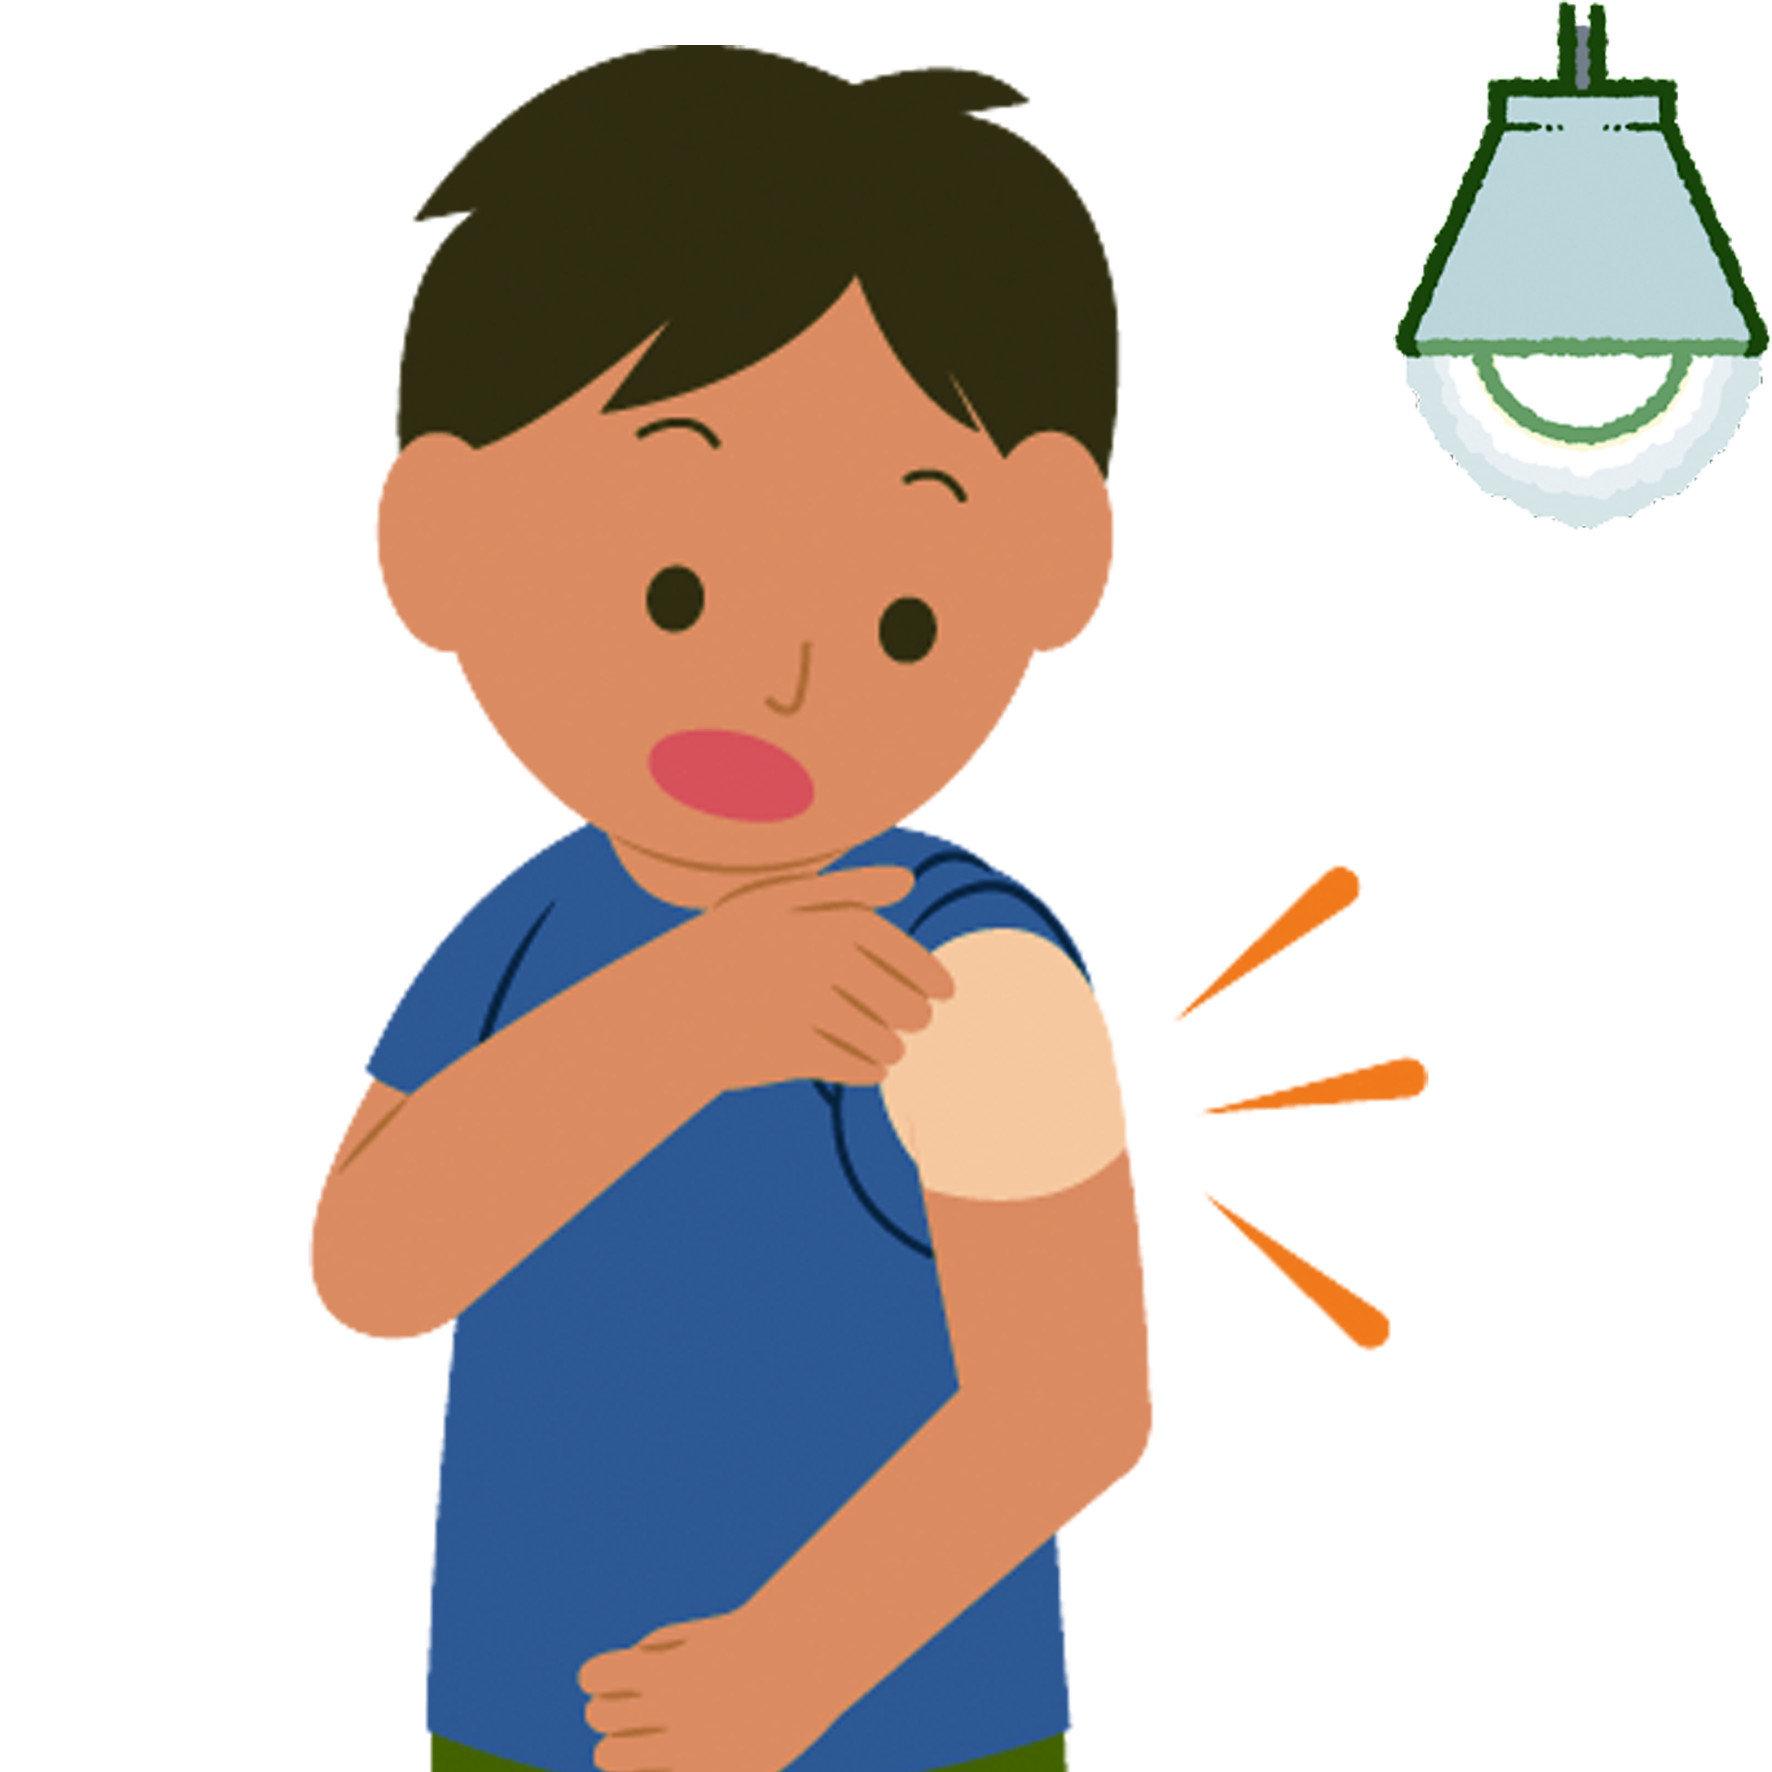 光觸媒需要「光」才能觸發,但其實是波長較長的「紫外光」,範圍落在315 nm至400 nm的UV-A等級都可以觸發光觸媒,而最好的狀態是在380 nm左右。這的等級的紫外光,基本上對於人體不會有太大的傷害,只要不長時間照射、不盯著光看,就不會有曬黑的危險,更不用太擔心病變的問題。